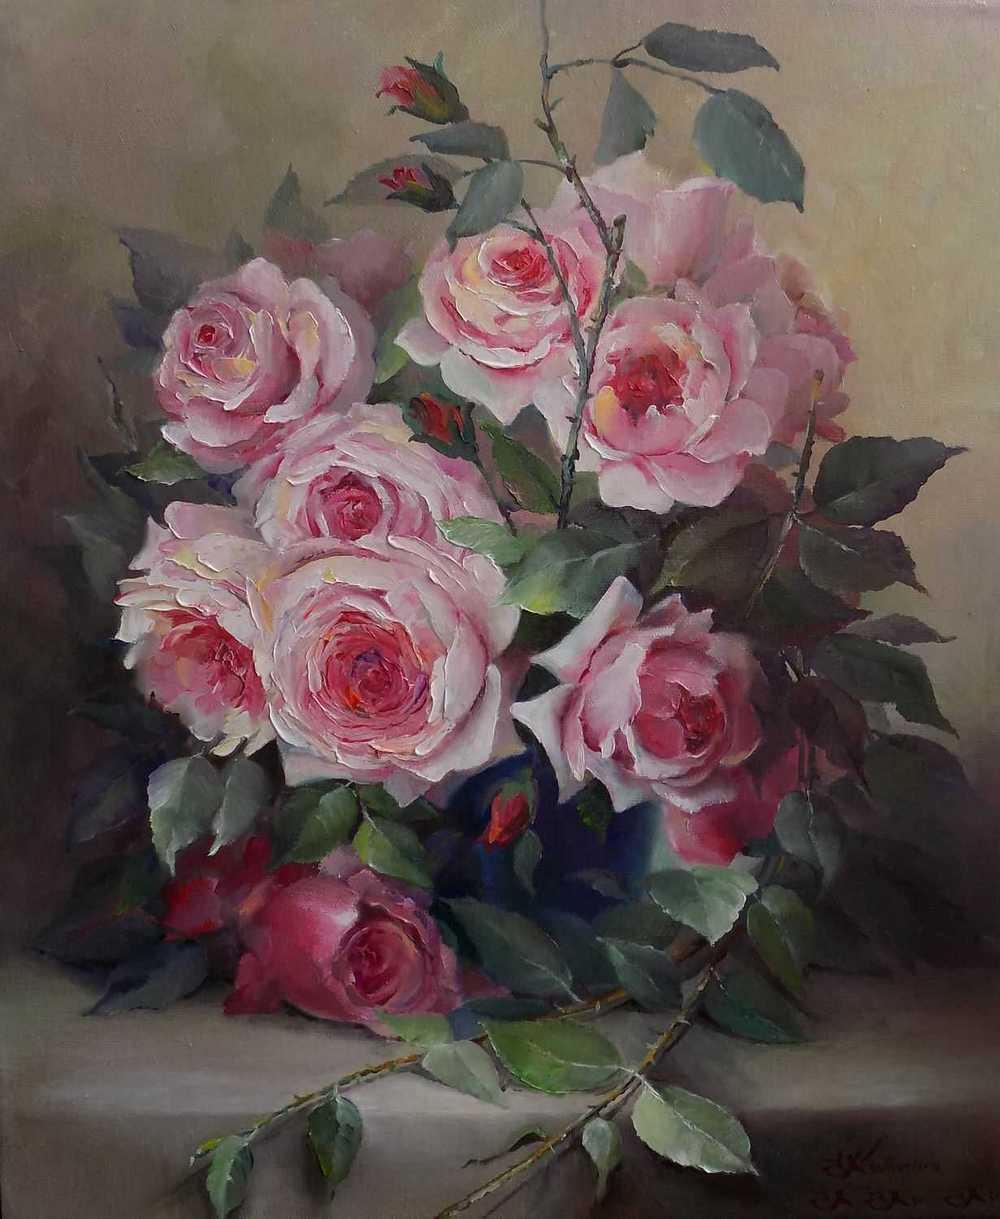 21fe8cf342f0f85ec557688a19bz--kartiny-i-panno-rozovye-rozy-v-vaze.jpg